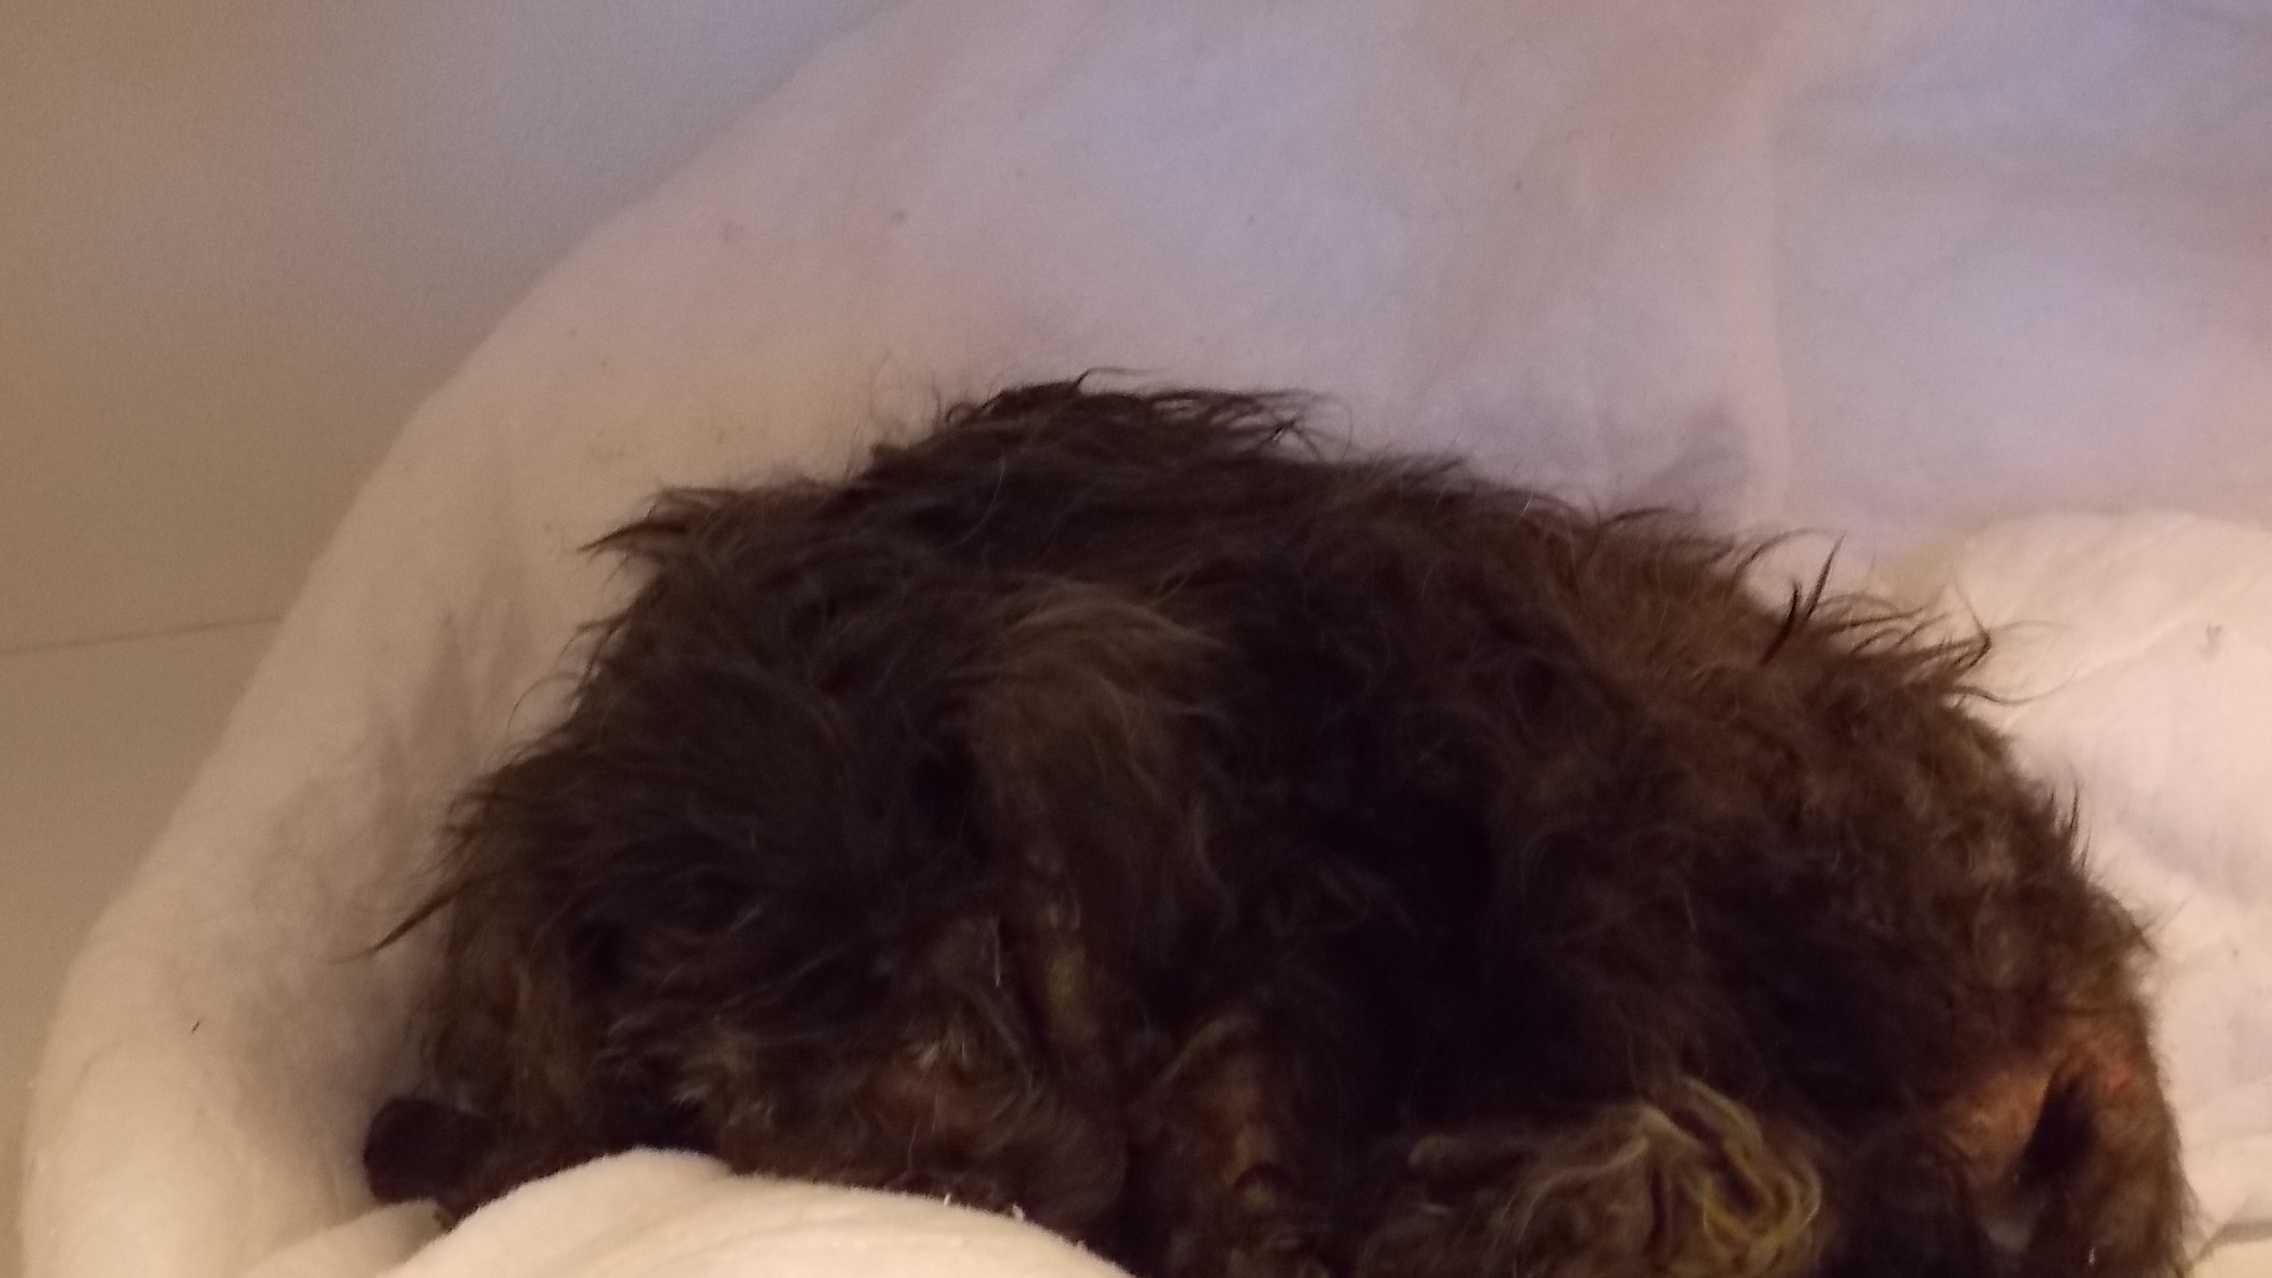 Neglected dog euthanized